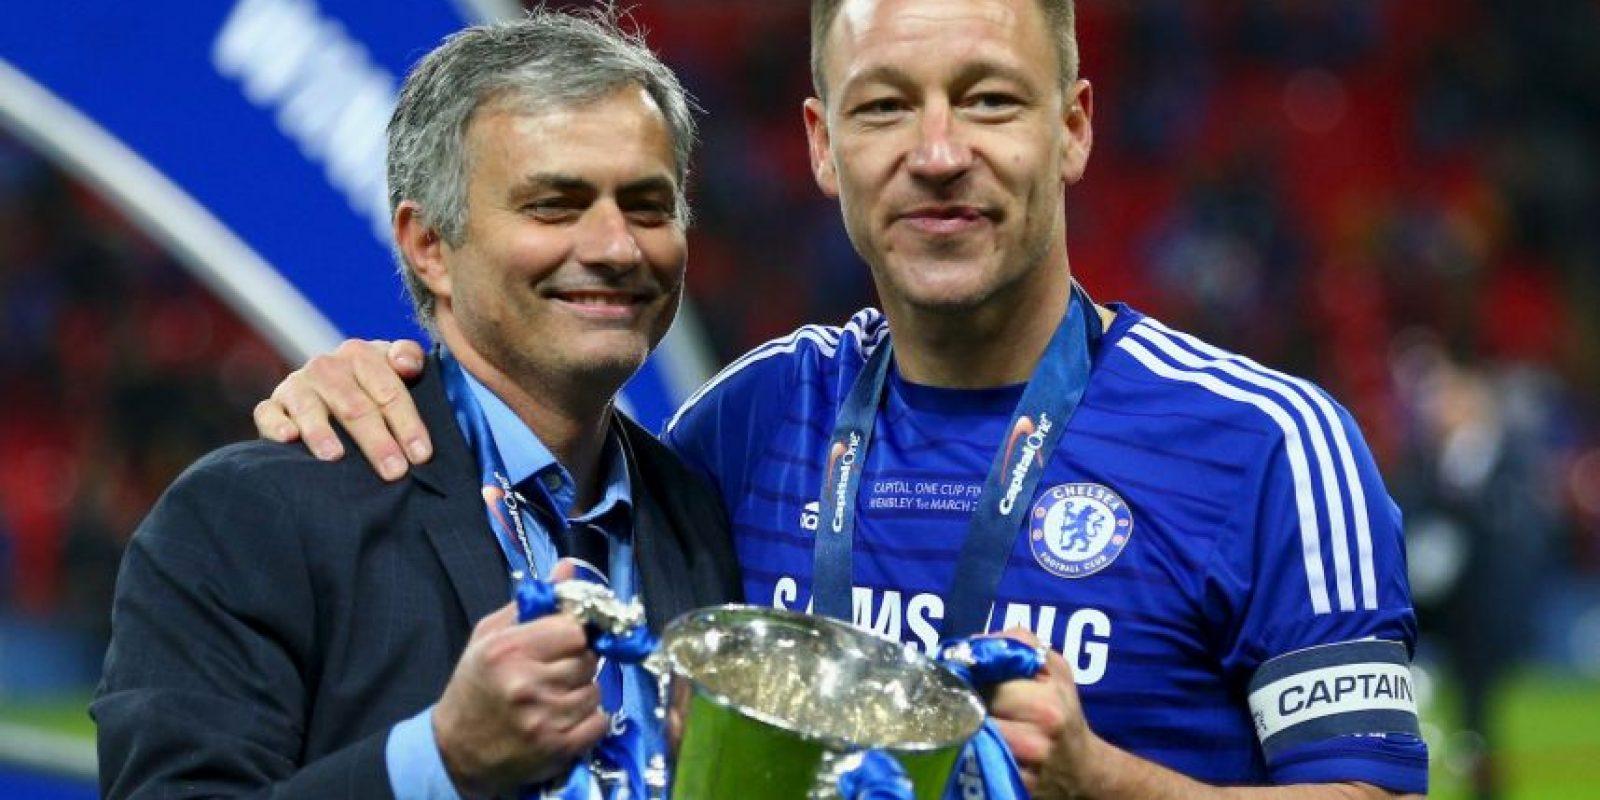 """Mourinho rescató a Terry del retiro, justo cuando los anteriores entrenadores del Chelsea, André Villas-Boas y Rafael Benítez, lo habían relegado a un papel secundario. """"JT"""" fue una pieza fundamental en la primera etapa de """"Mou"""" con los """"Blues"""" y en 2015, ya firmó una extensión de contrato para seguir demostrando que el fútbol no se le ha acabado. Foto:Getty Images"""